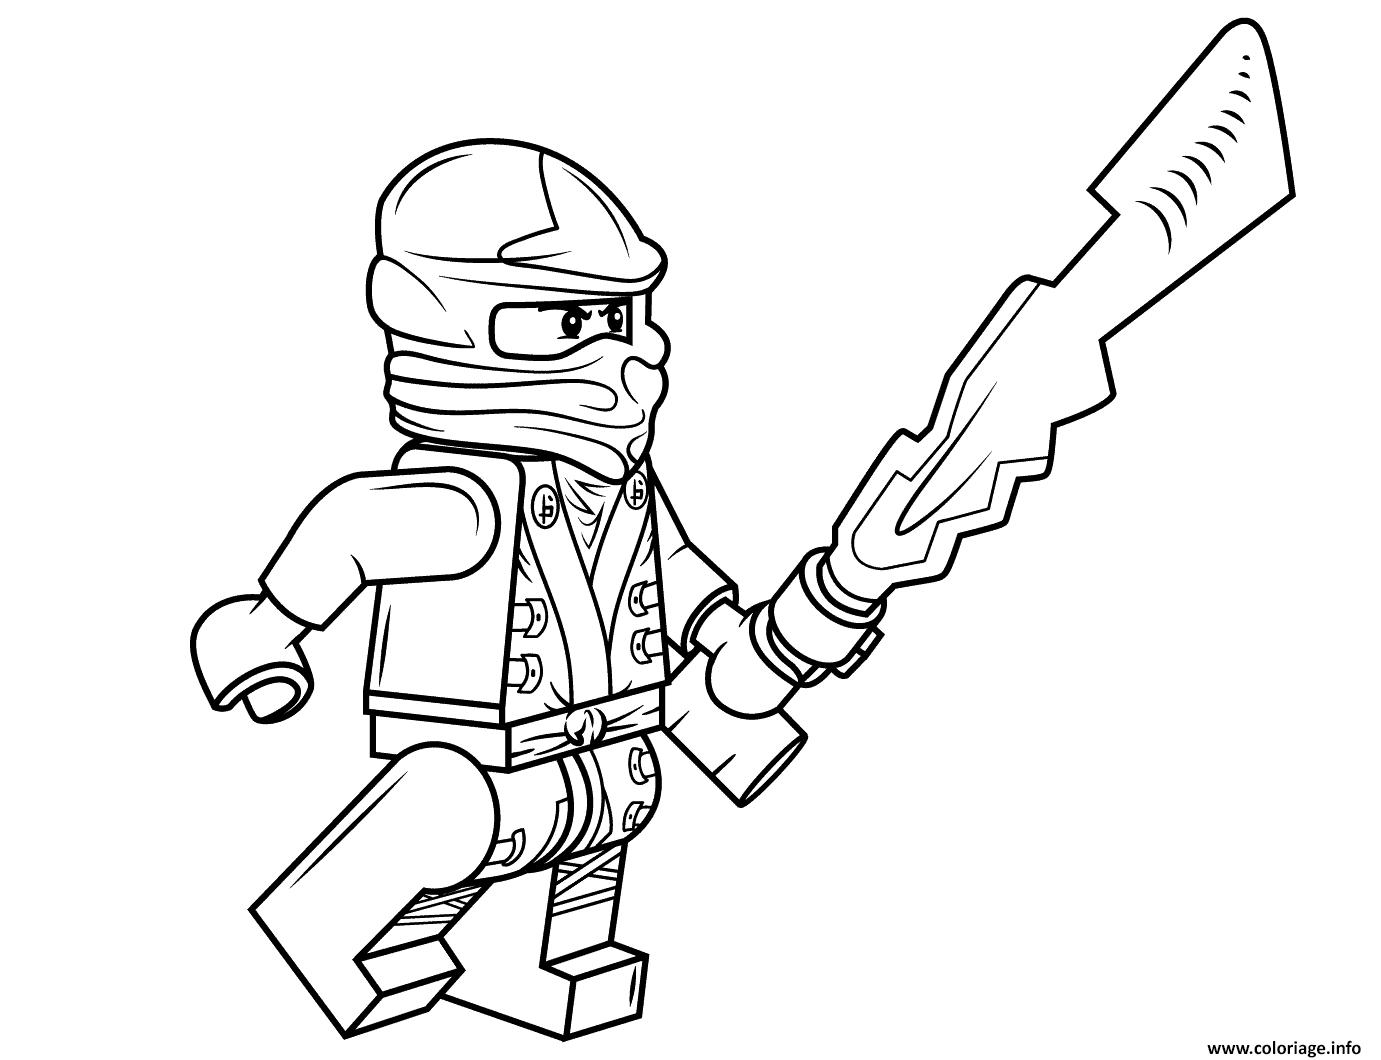 Lego Ninjago Drawing At Getdrawings Free Download